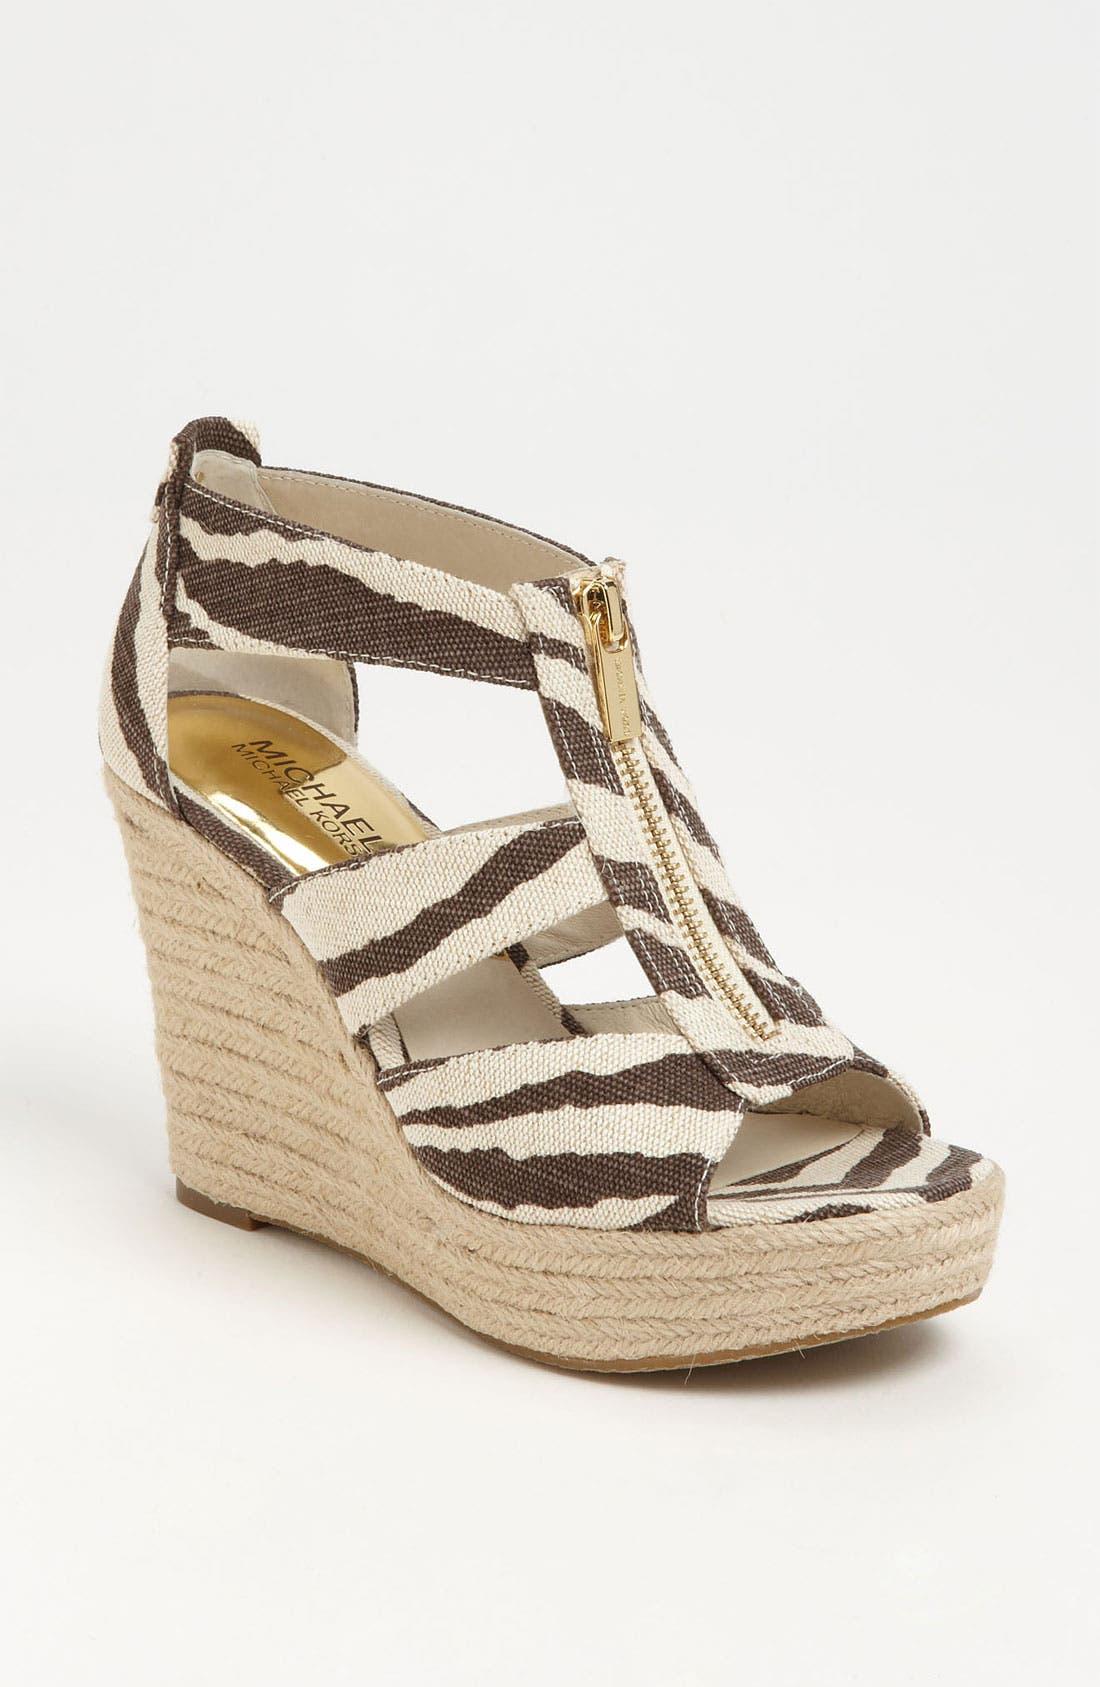 Alternate Image 1 Selected - MICHAEL Michael Kors 'Damita' Wedge Sandal (Women)